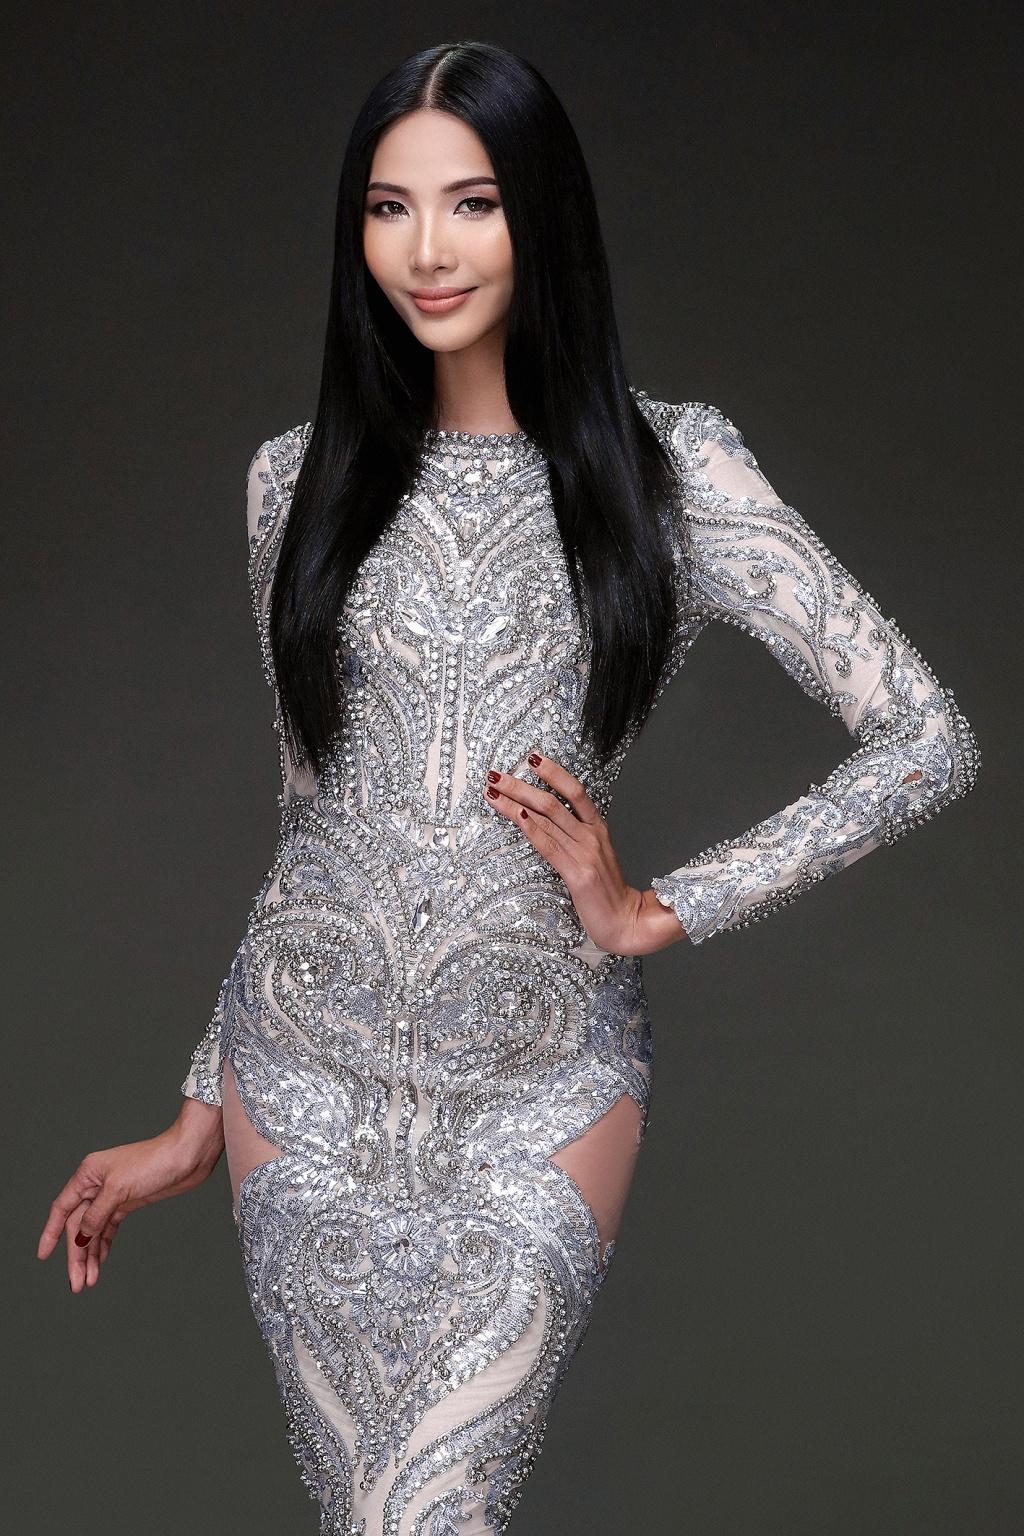 Top 10 mỹ nhân có vòng eo nhỏ nhất Việt Nam - Hoàng Thuỳ